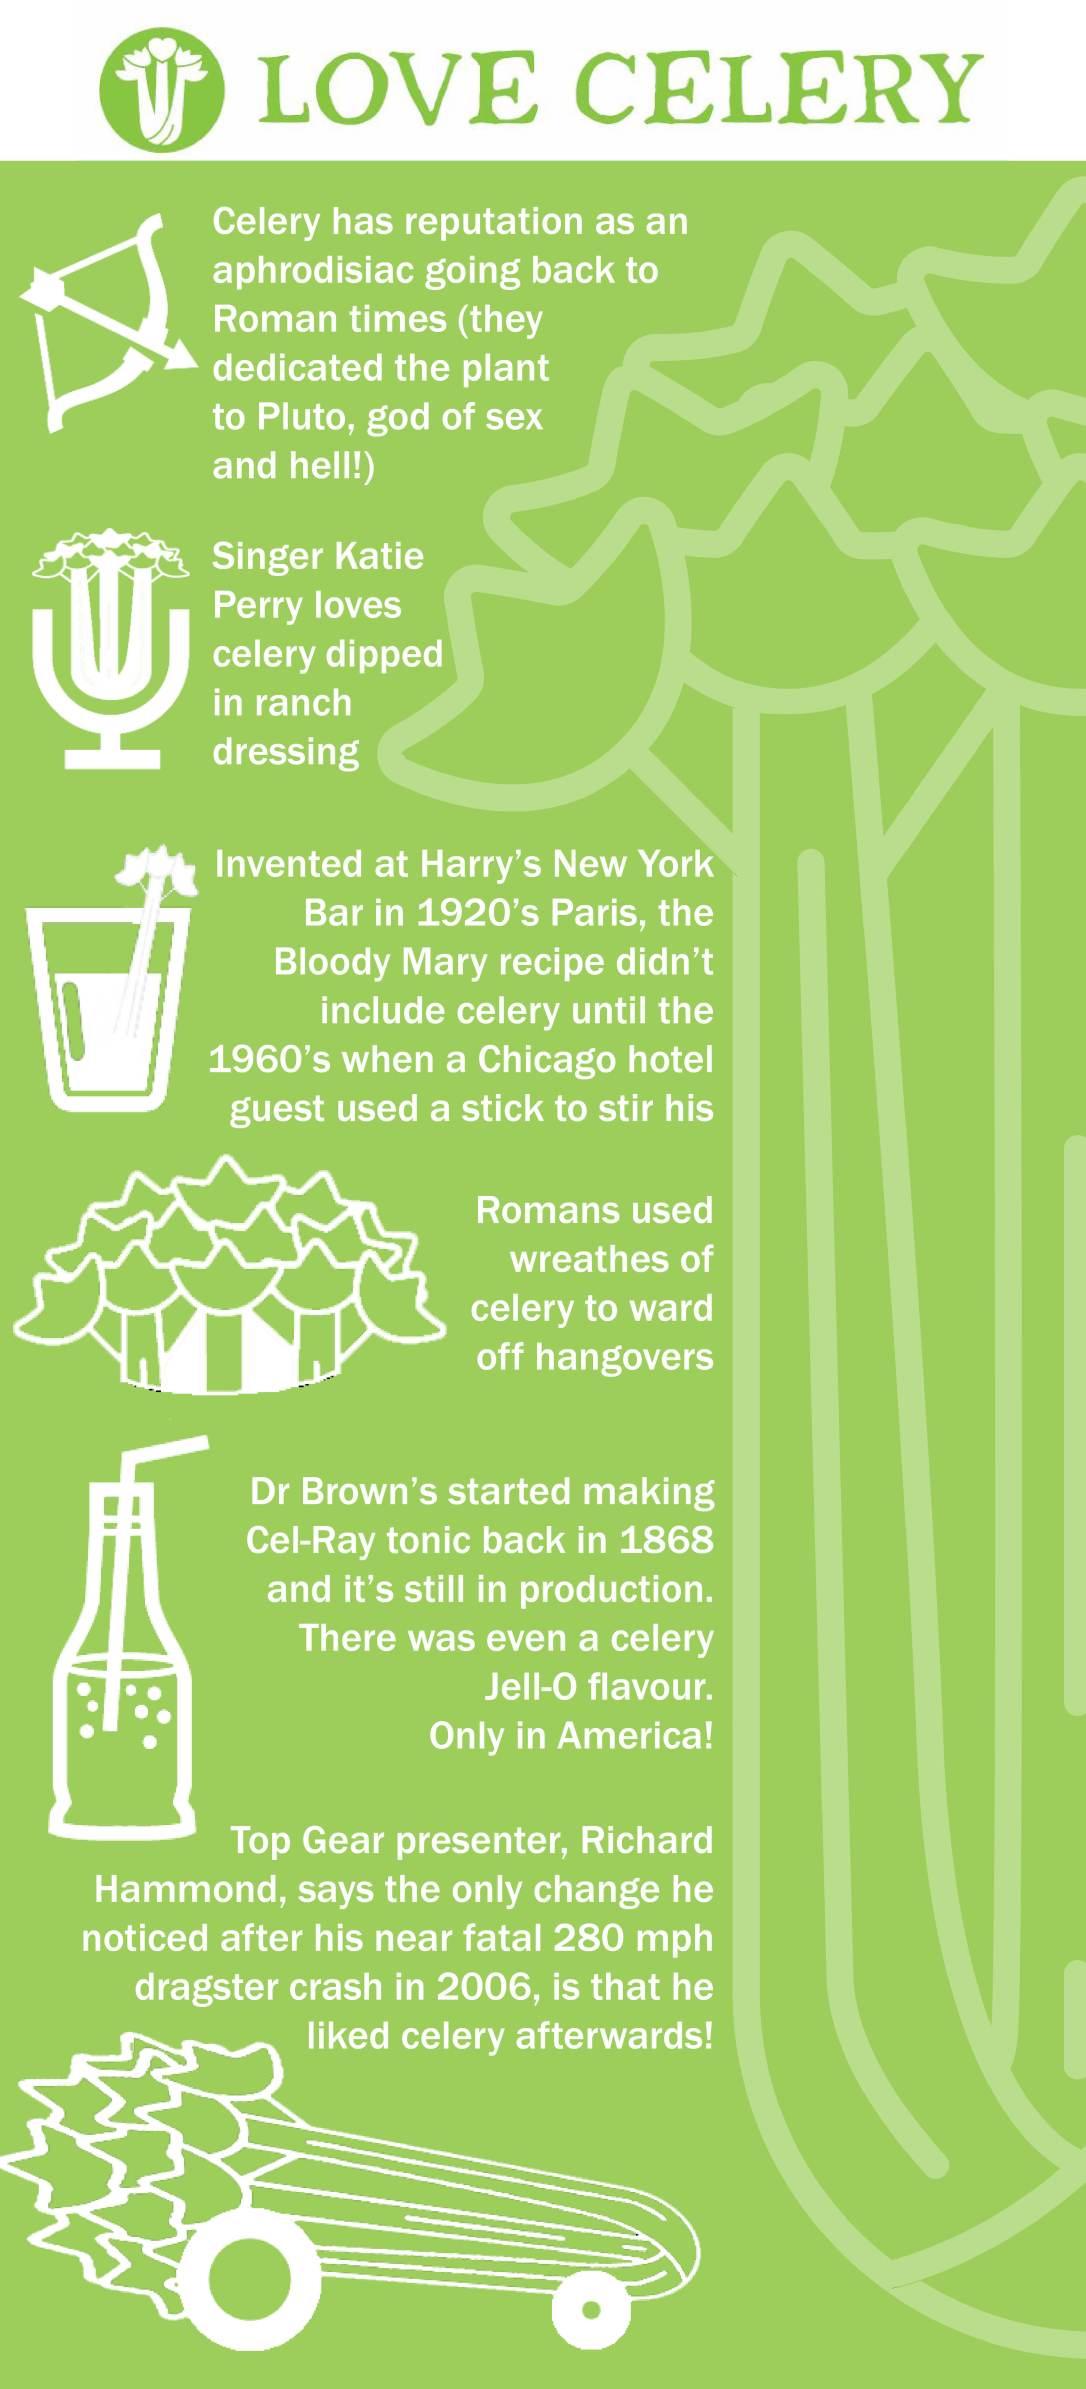 Love celery infographic 3